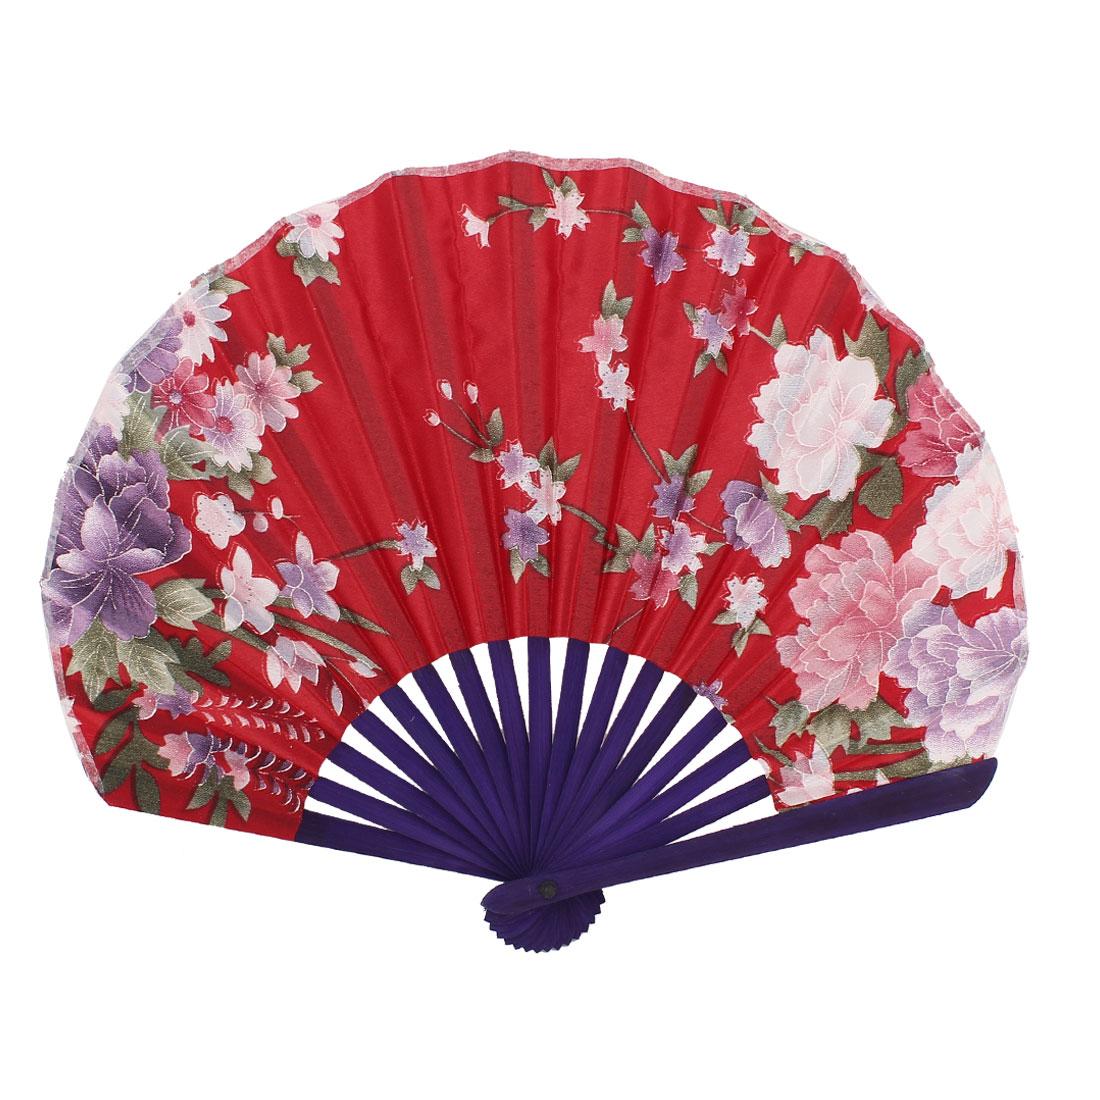 Seashell Shape Flower Pattern Japanese Style Folding Hand Fan Red